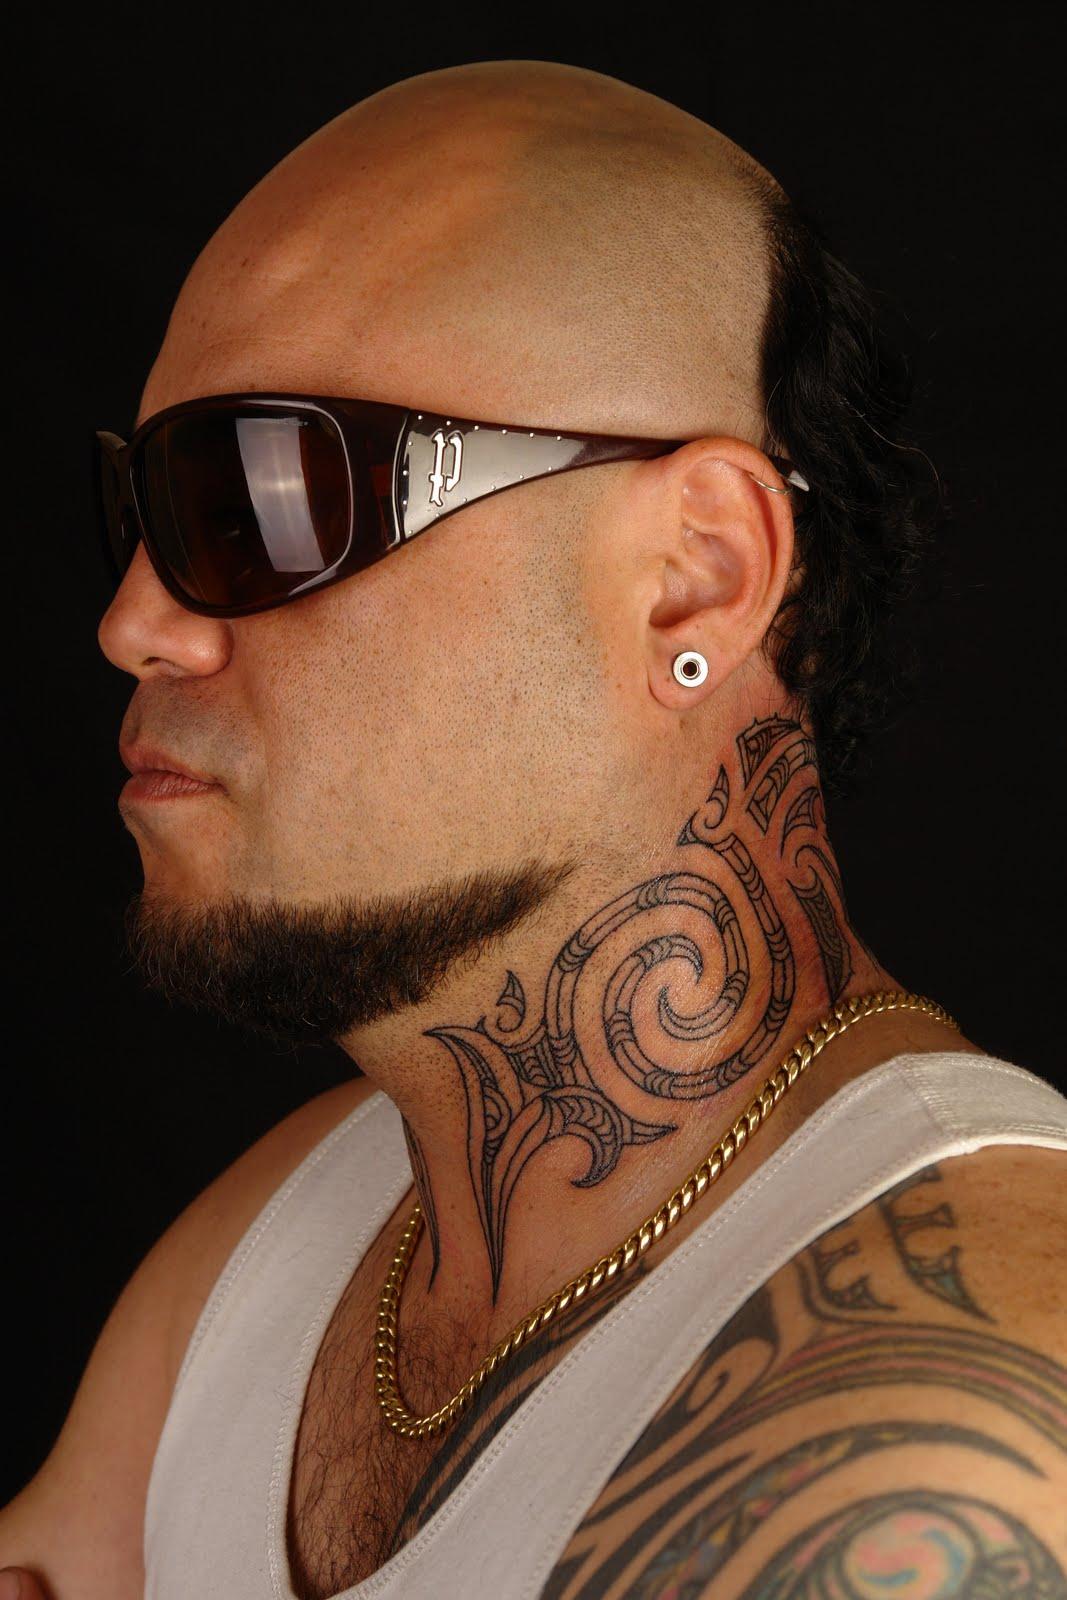 Maori Tattoos Men: Interesting Maori Tattoo Designs For 2011 Maori Tattoo For